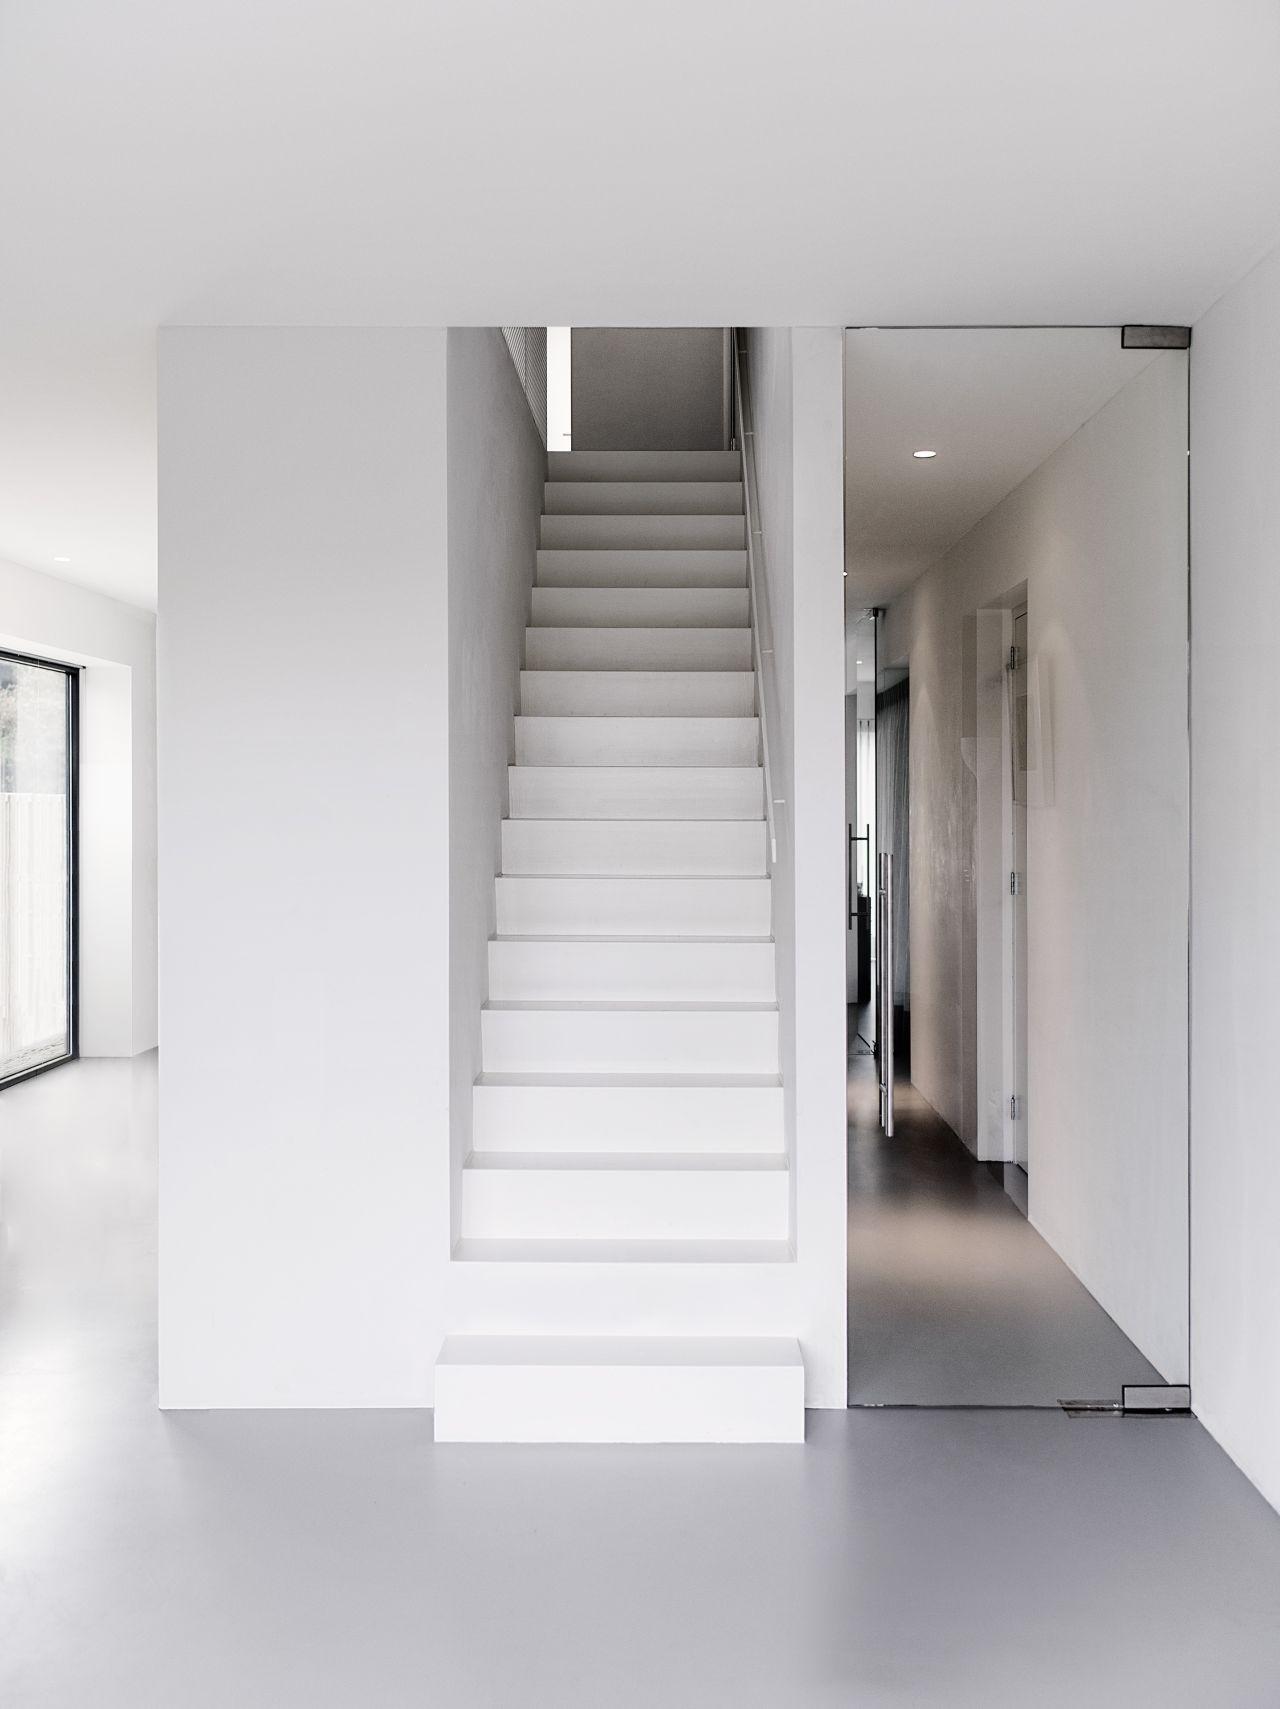 V House / BaksvanWengerden Architecten